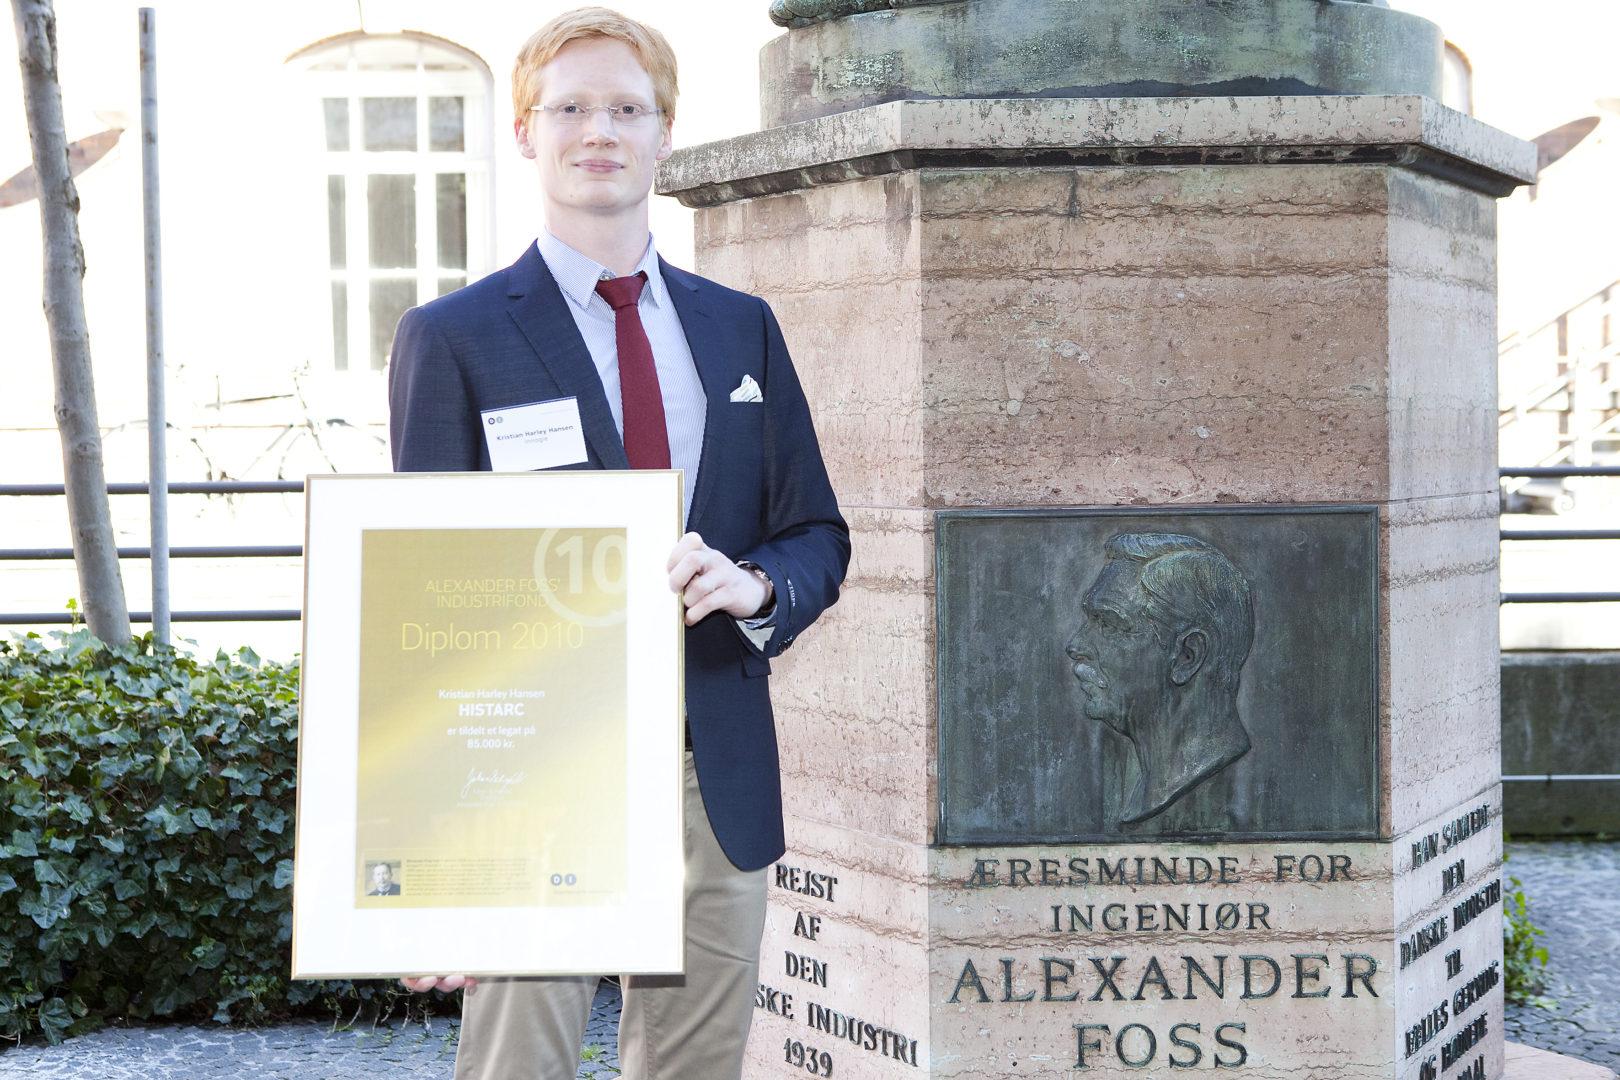 Alexander Foss Industrifond